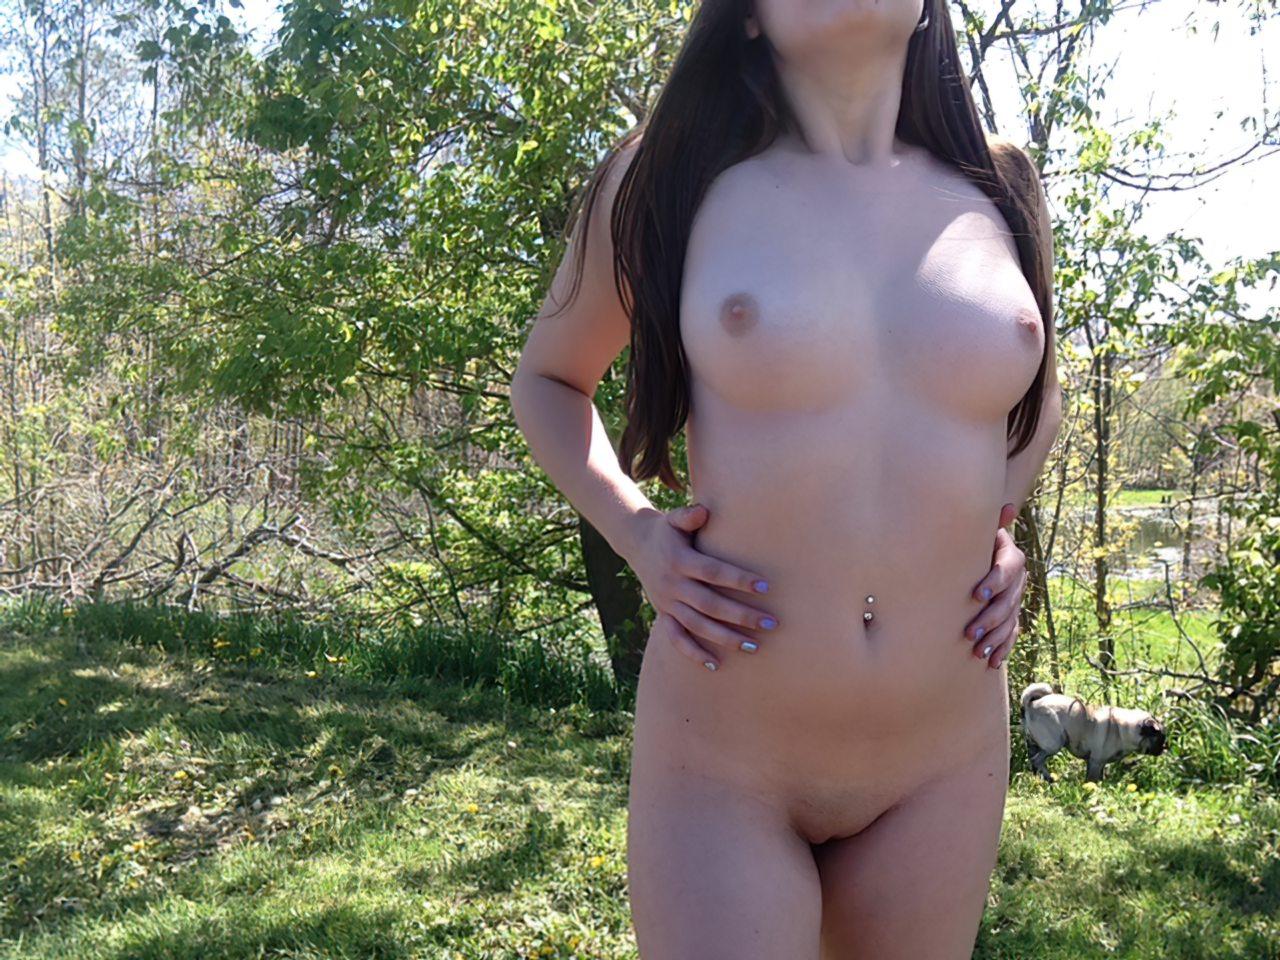 Amadora Nua Meio da Natureza (17)